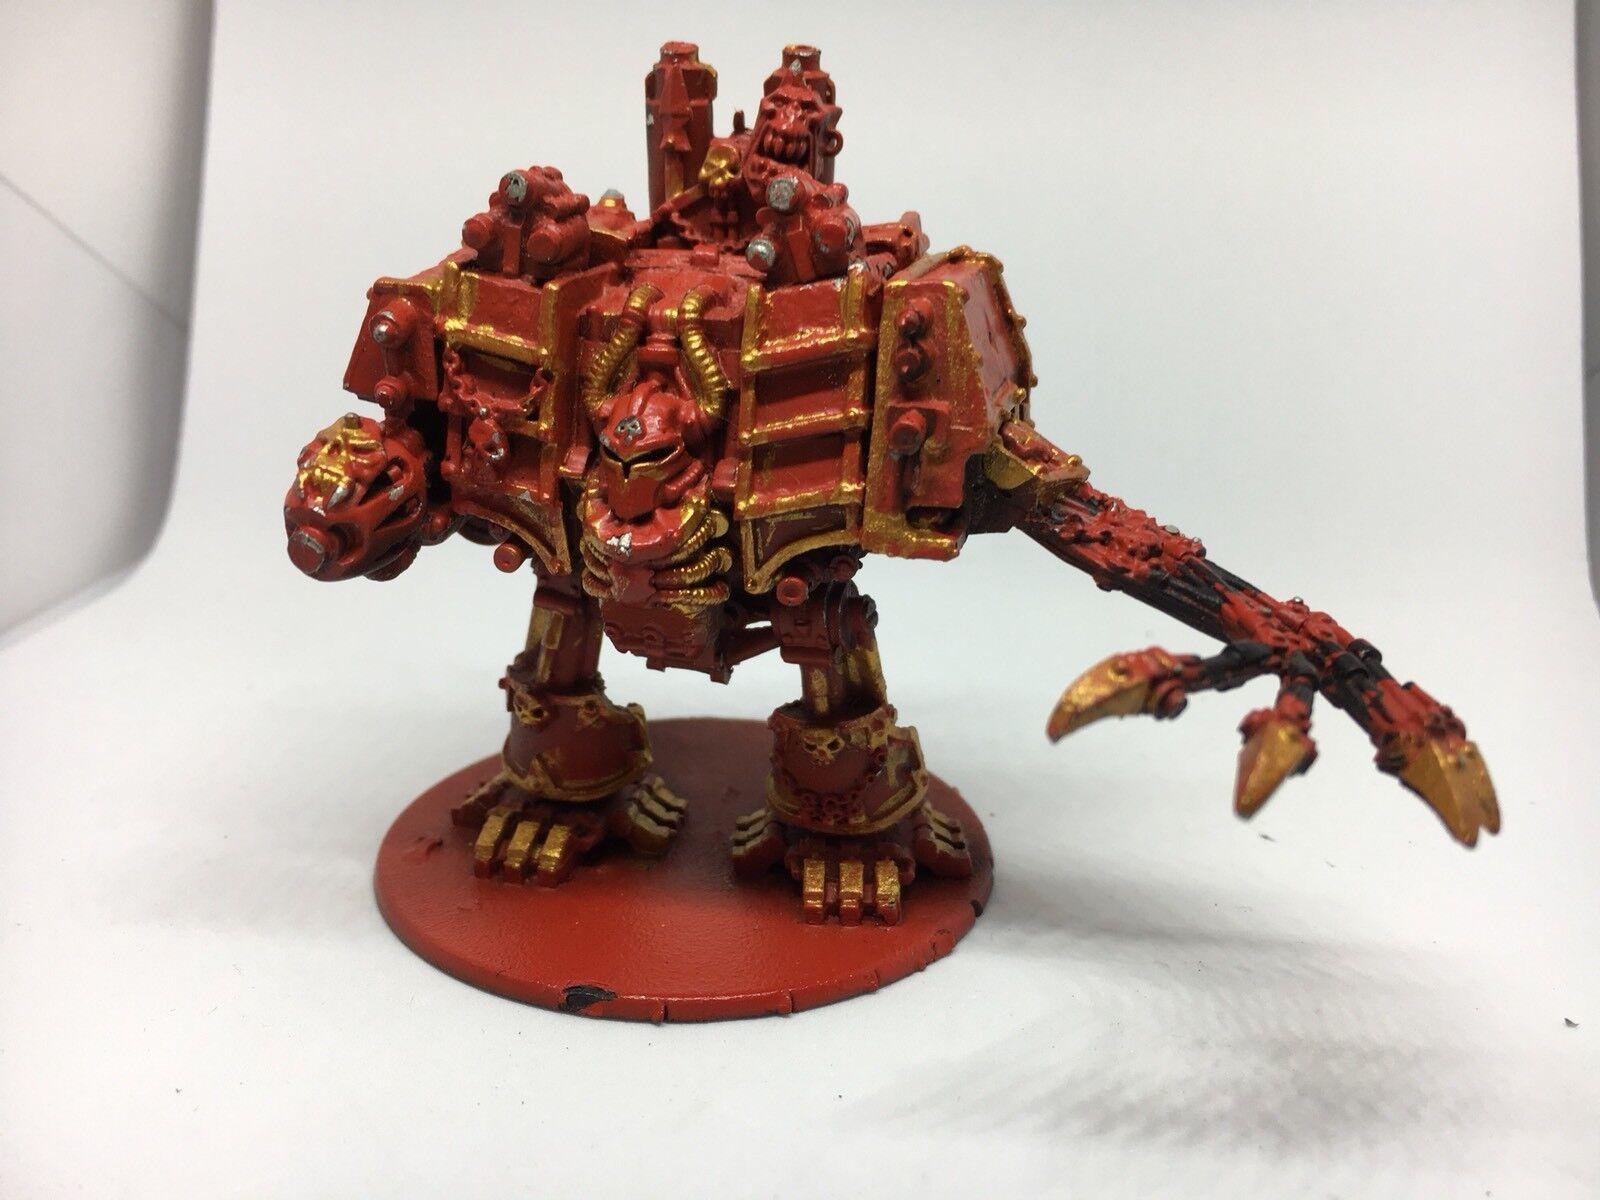 Warhammer 40k Chaos spazio Marine Dreadnought Metal OOP  Hellbrute Citadel Painted  nuovo sadico